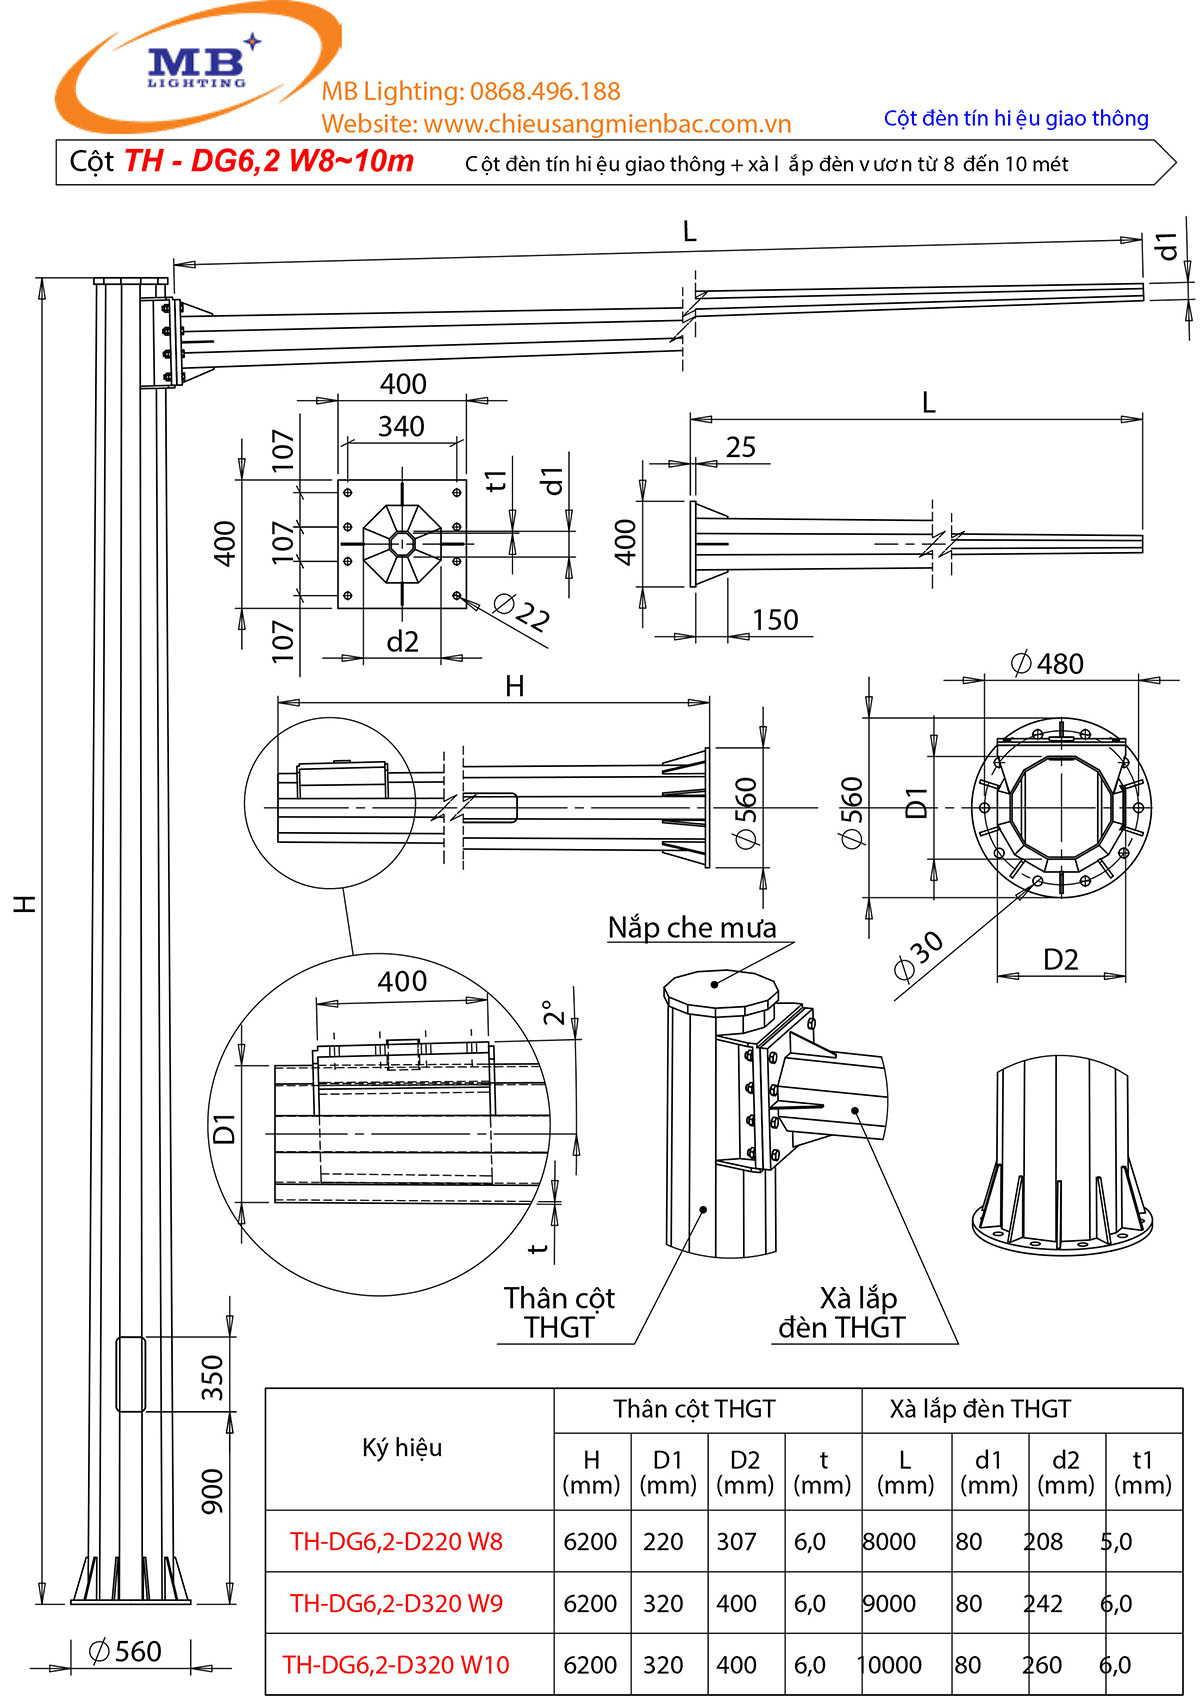 Bản vẽ thiết kế cột đèn tín hiệu giao thông mẫu 3